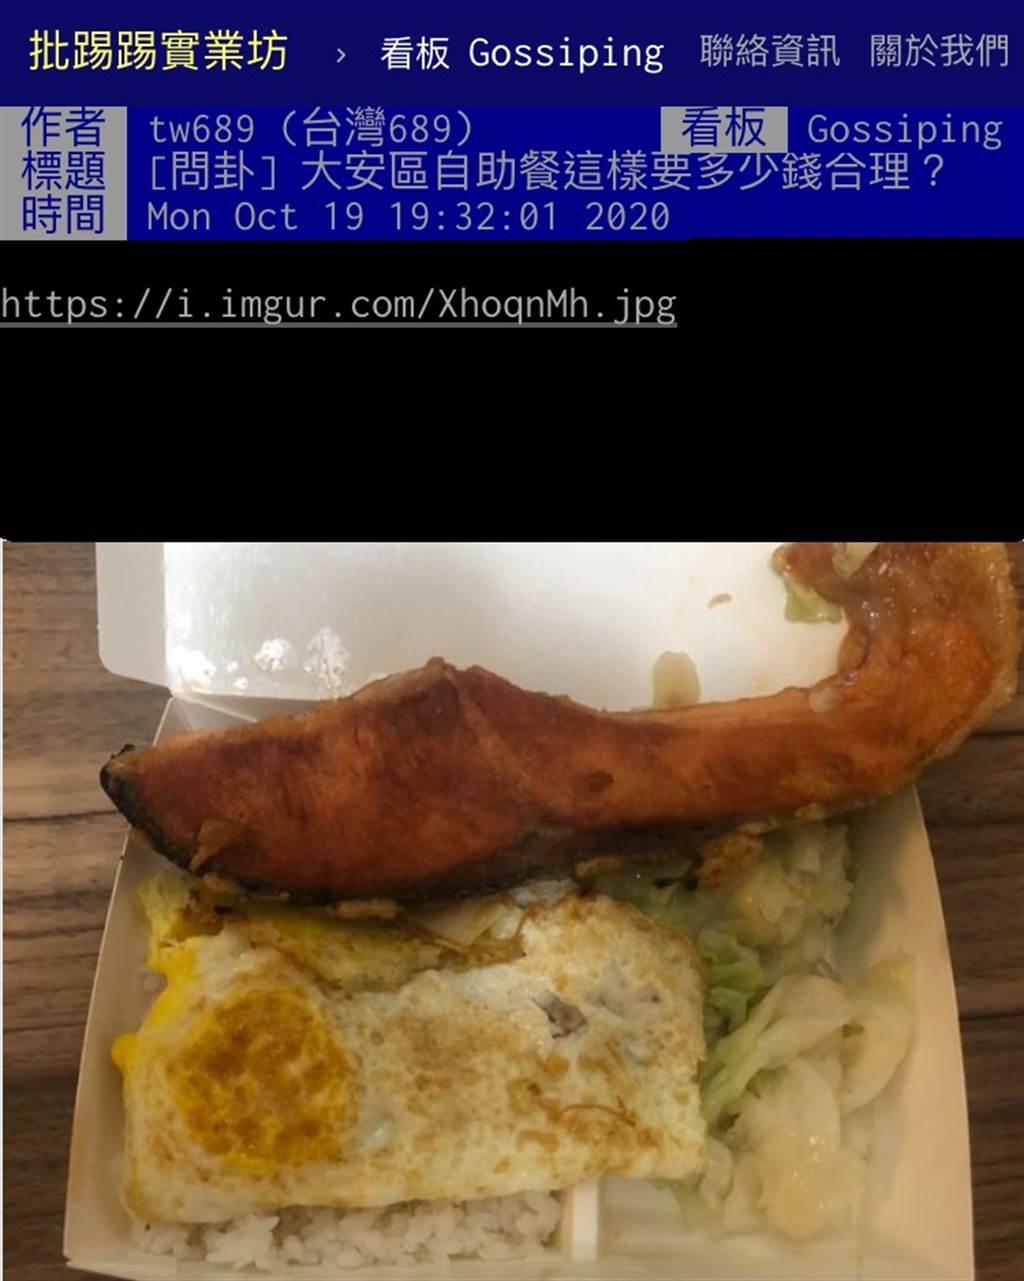 自助餐3道菜要180元,網曝「地雷食物」:小心當盤子。(圖/翻攝自PTT)